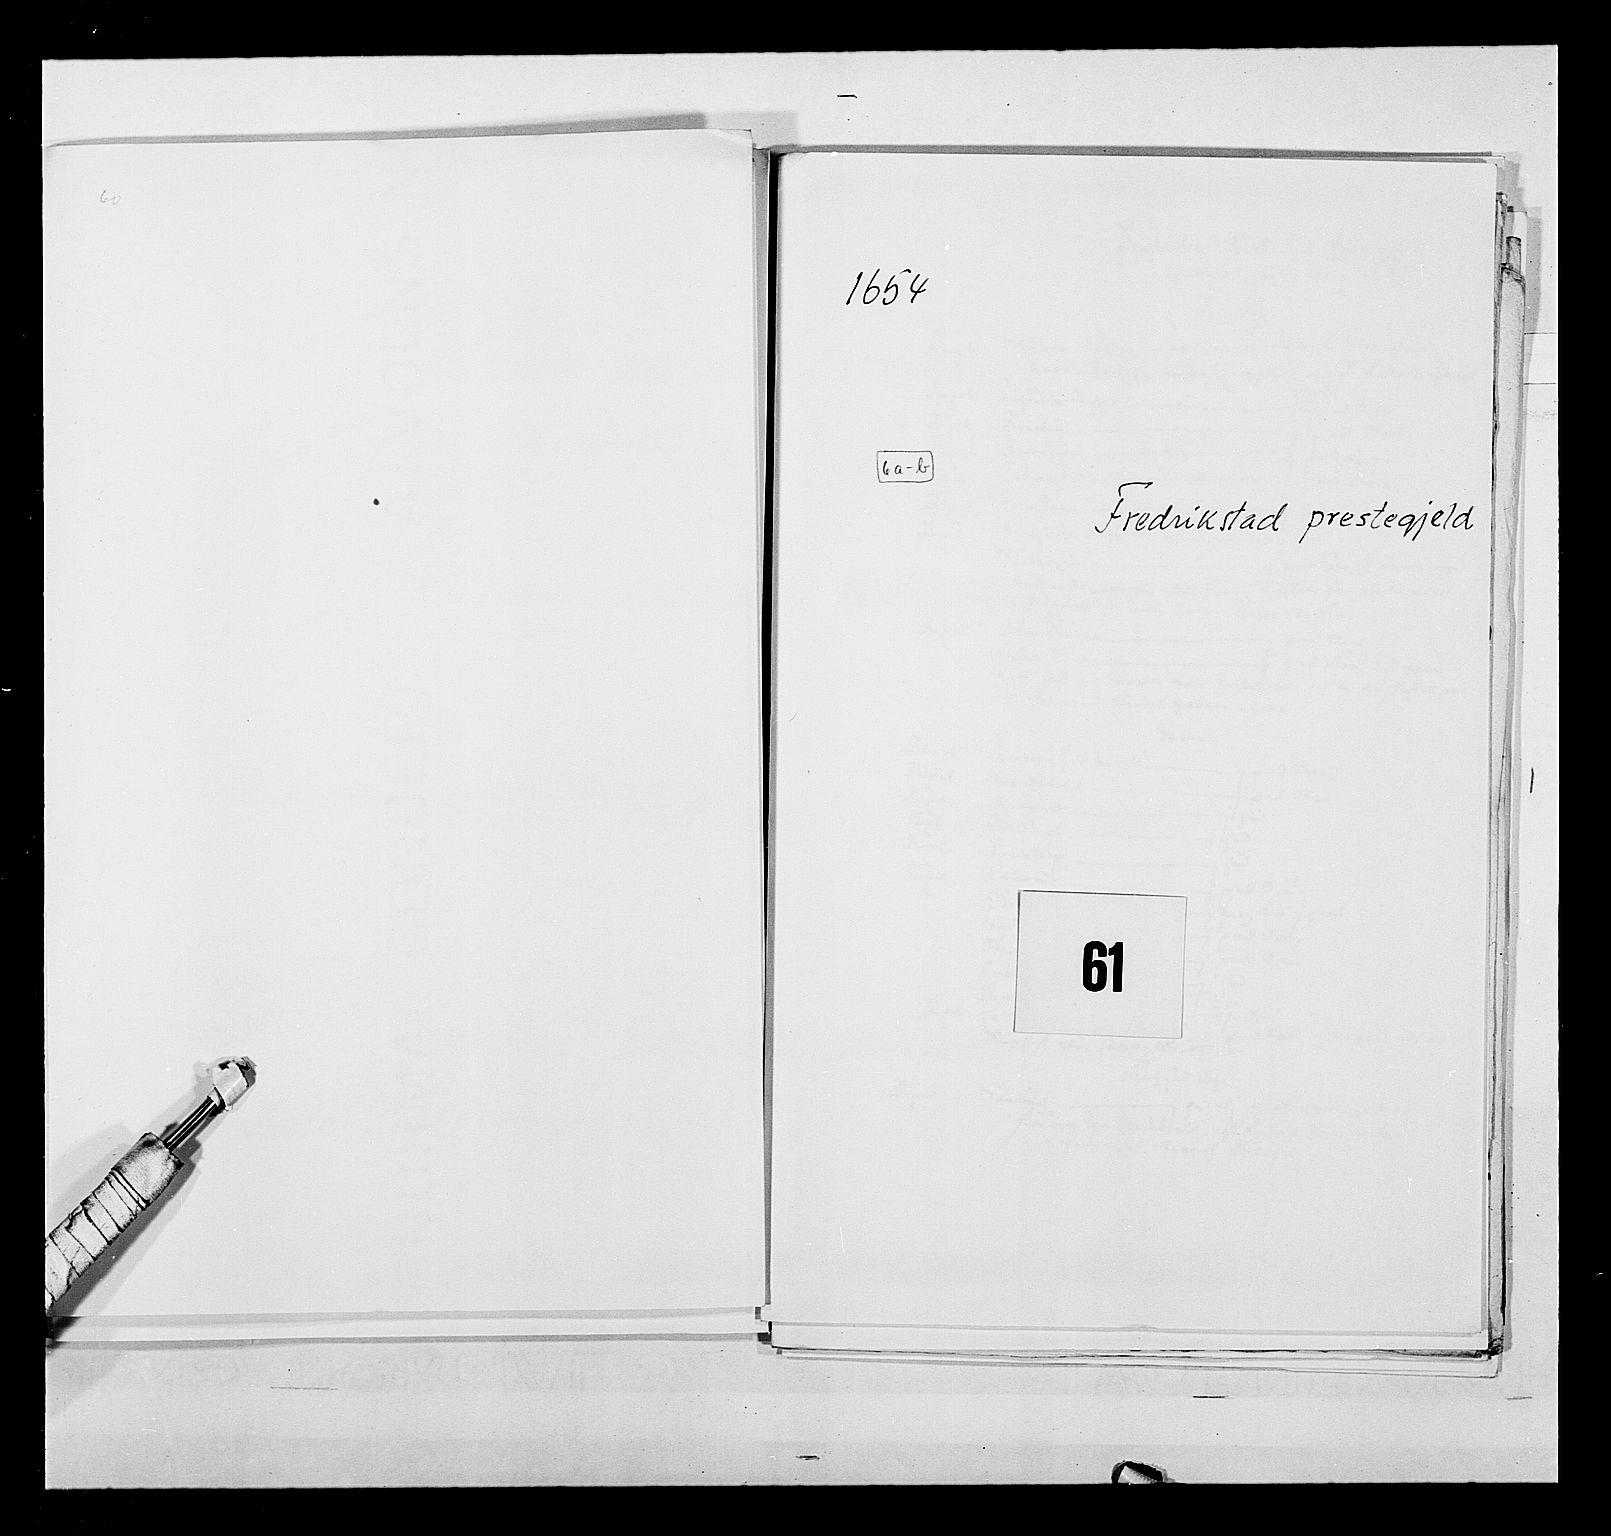 RA, Stattholderembetet 1572-1771, Ek/L0030: Jordebøker 1633-1658:, 1654, s. 284